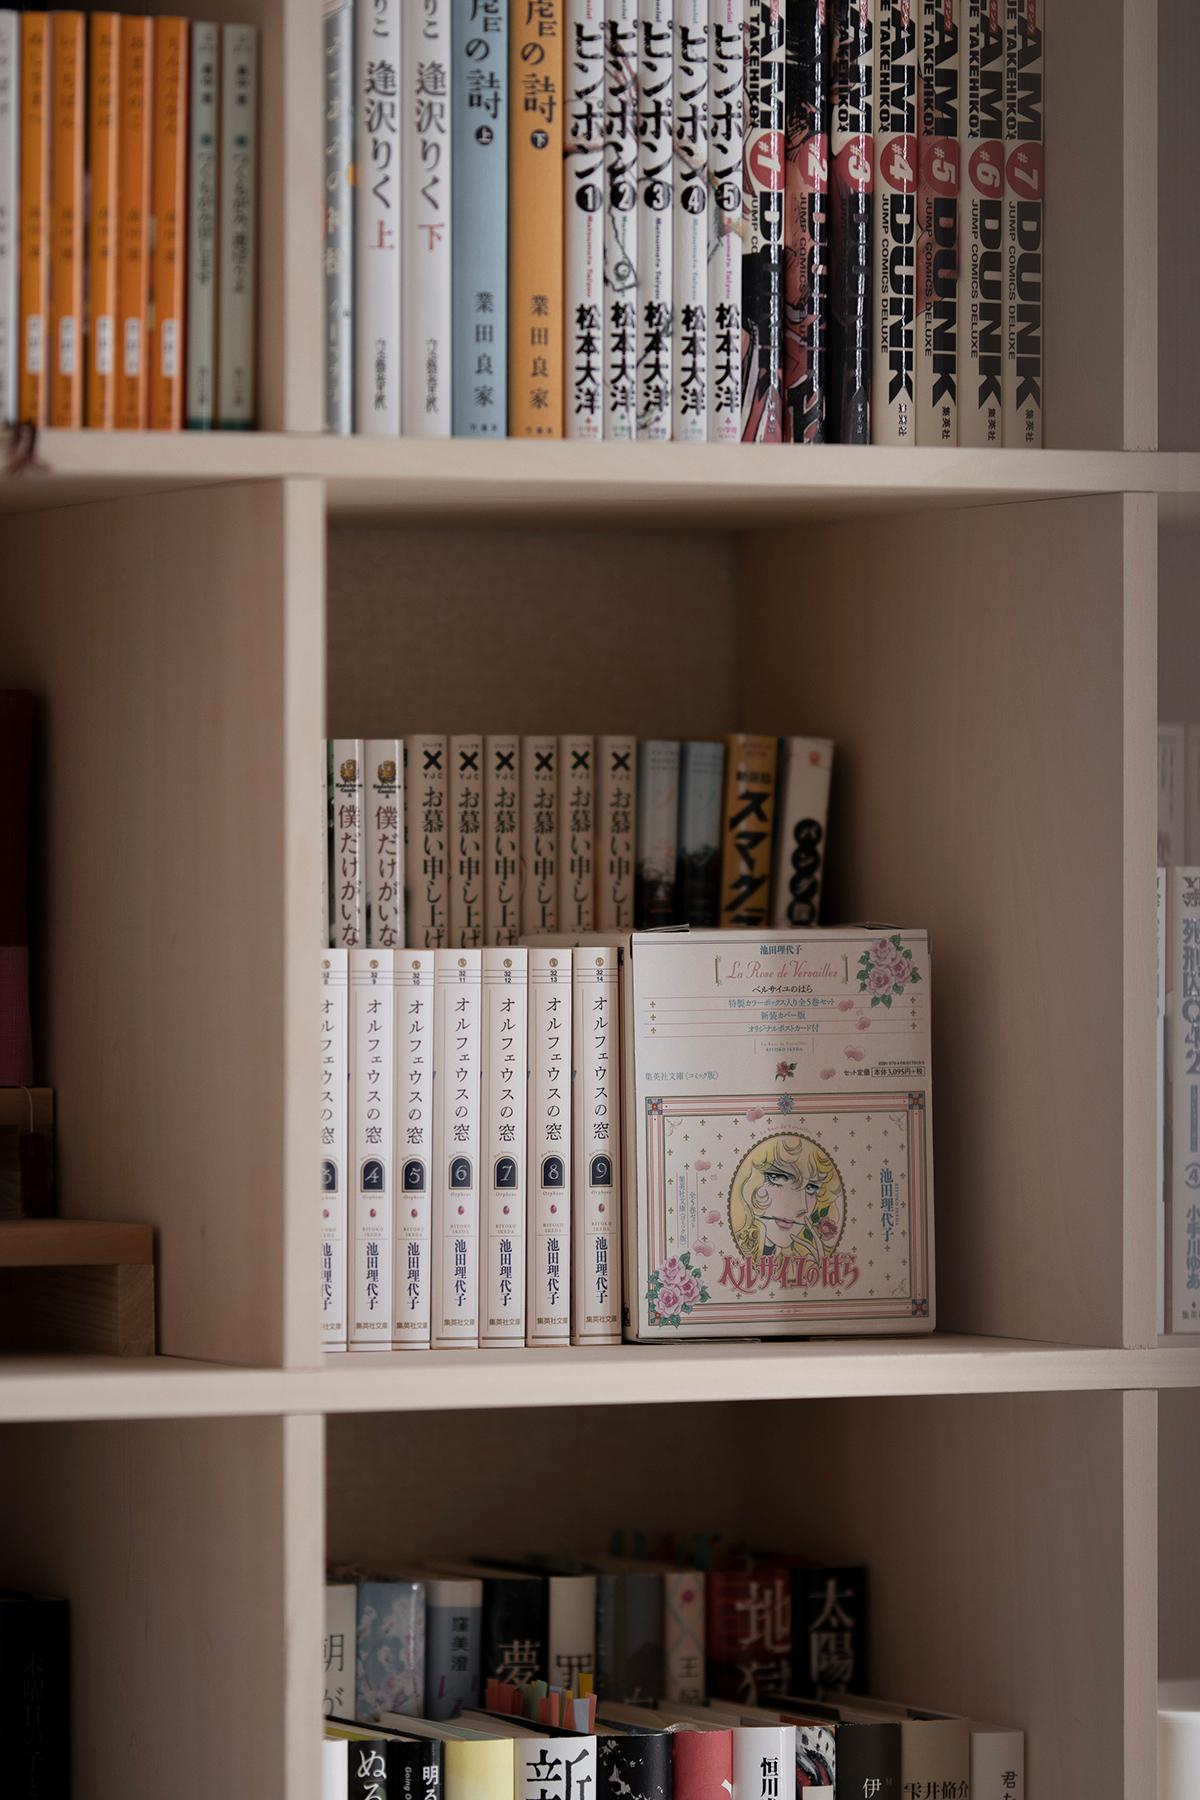 ミニマルな仕事部屋の壁面に   壁一面の本棚 奥行350mm / Shelf (No.113)   マルゲリータ使用例